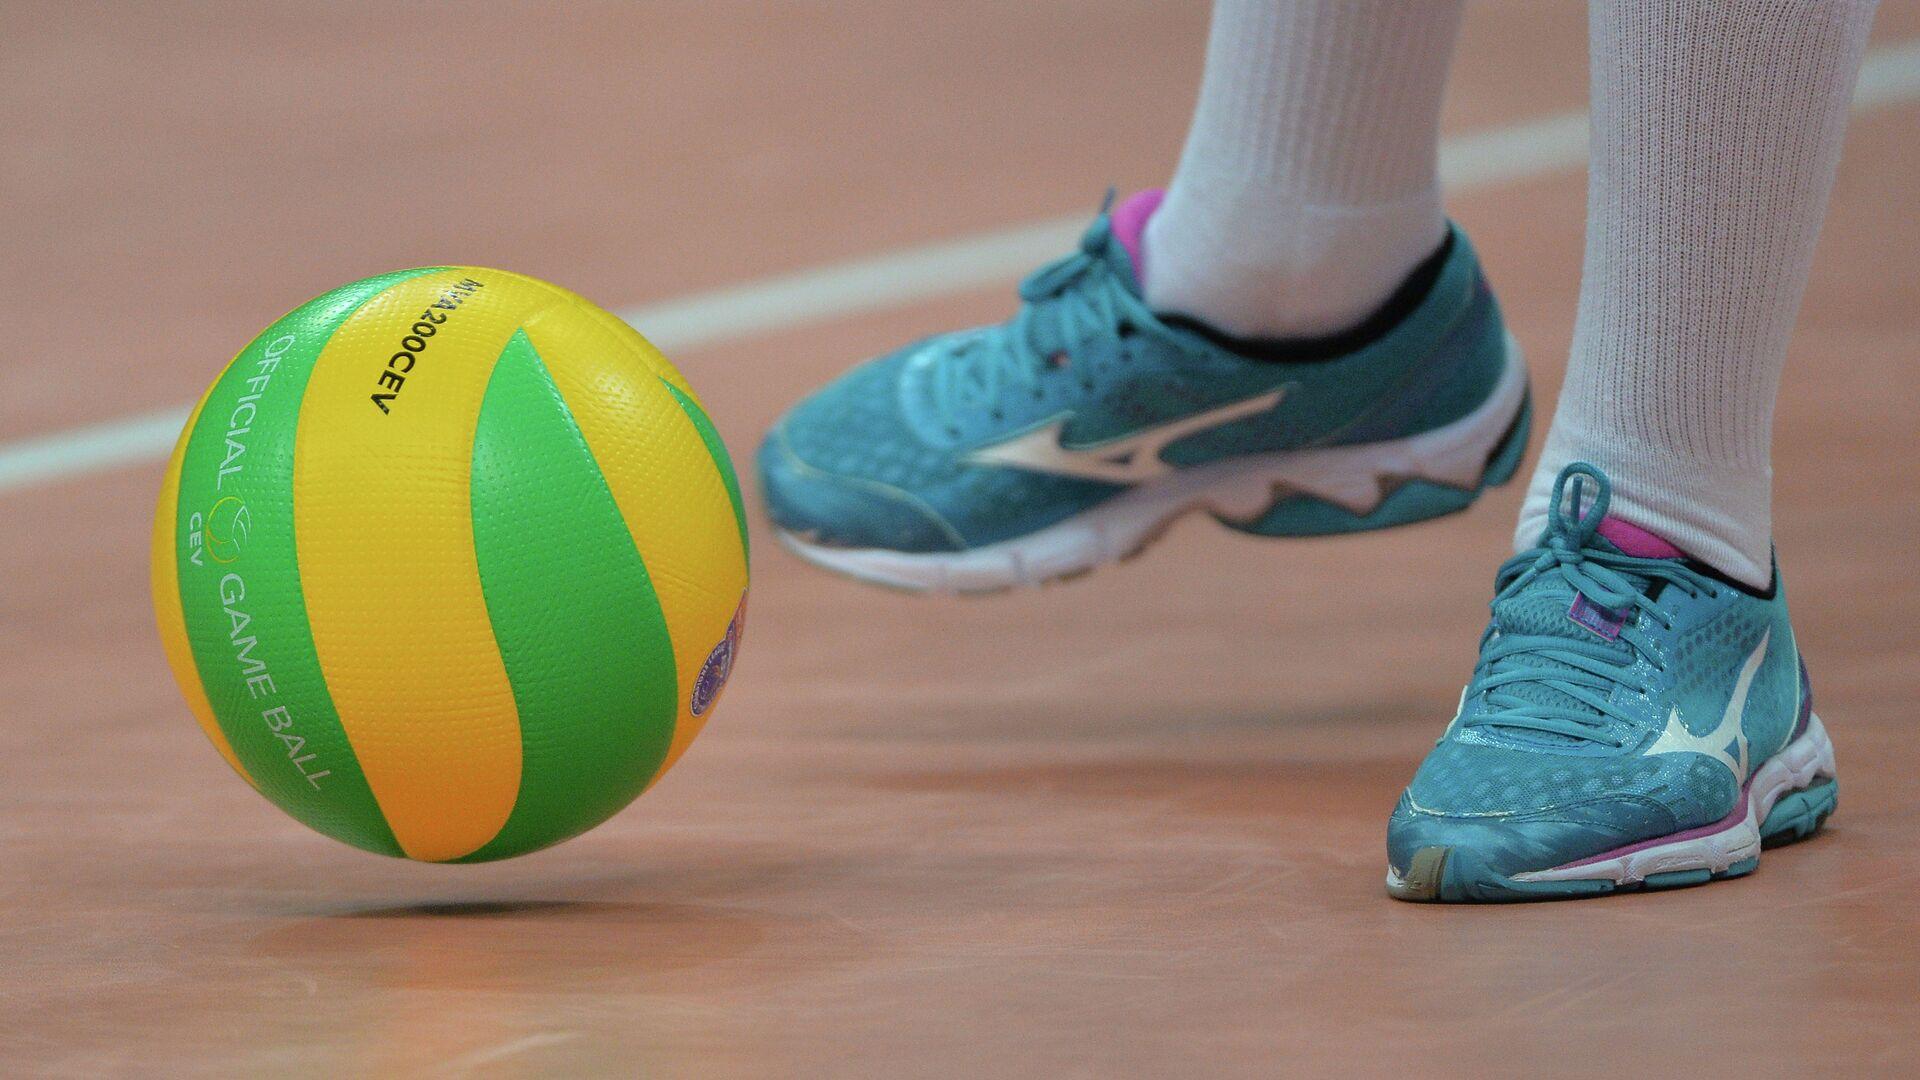 Волейбольный мяч - РИА Новости, 1920, 22.04.2021